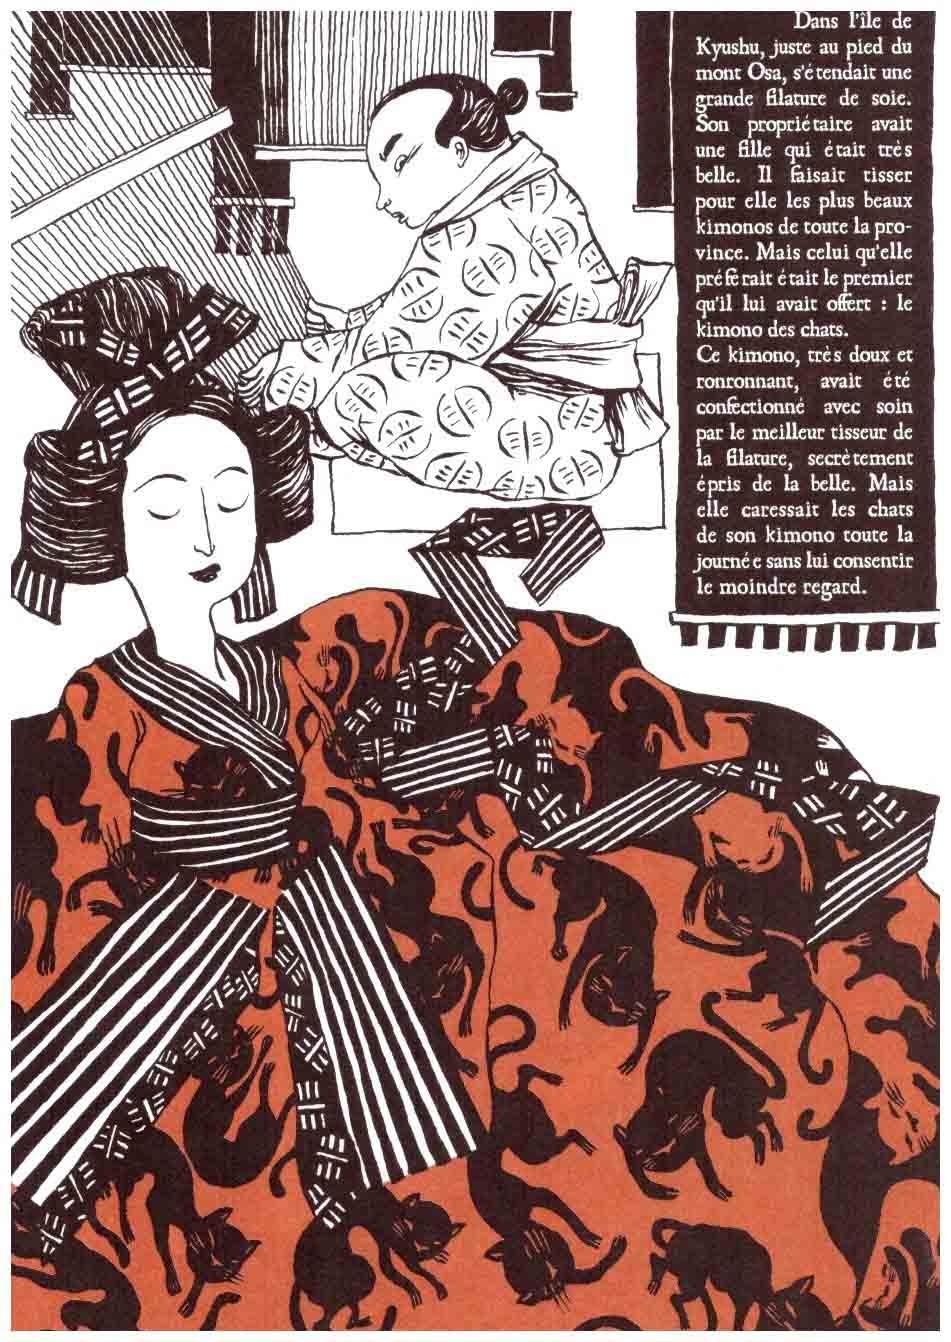 Le Chat du kimono – Nancy Peňa